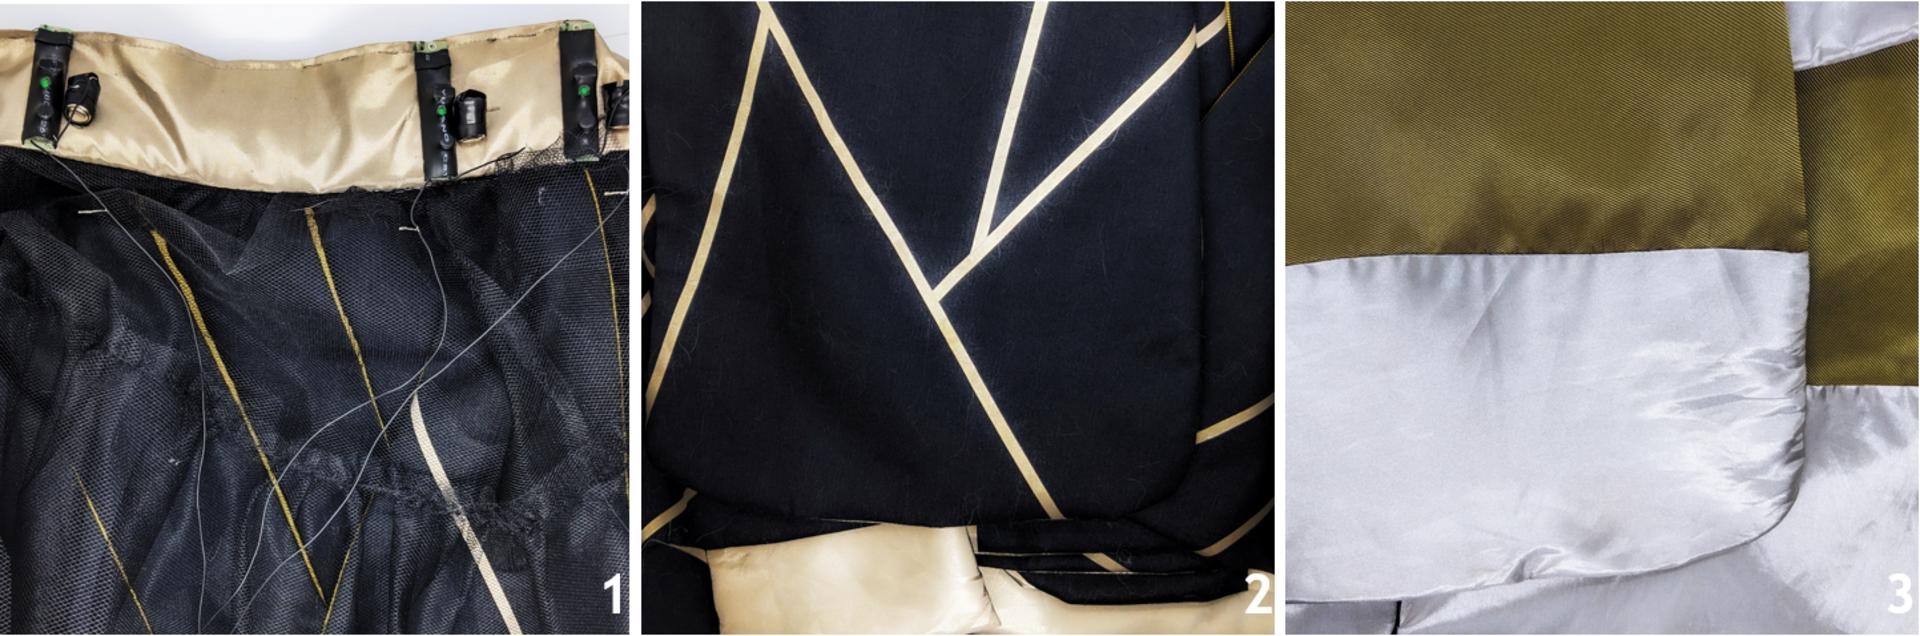 E-Textile Details